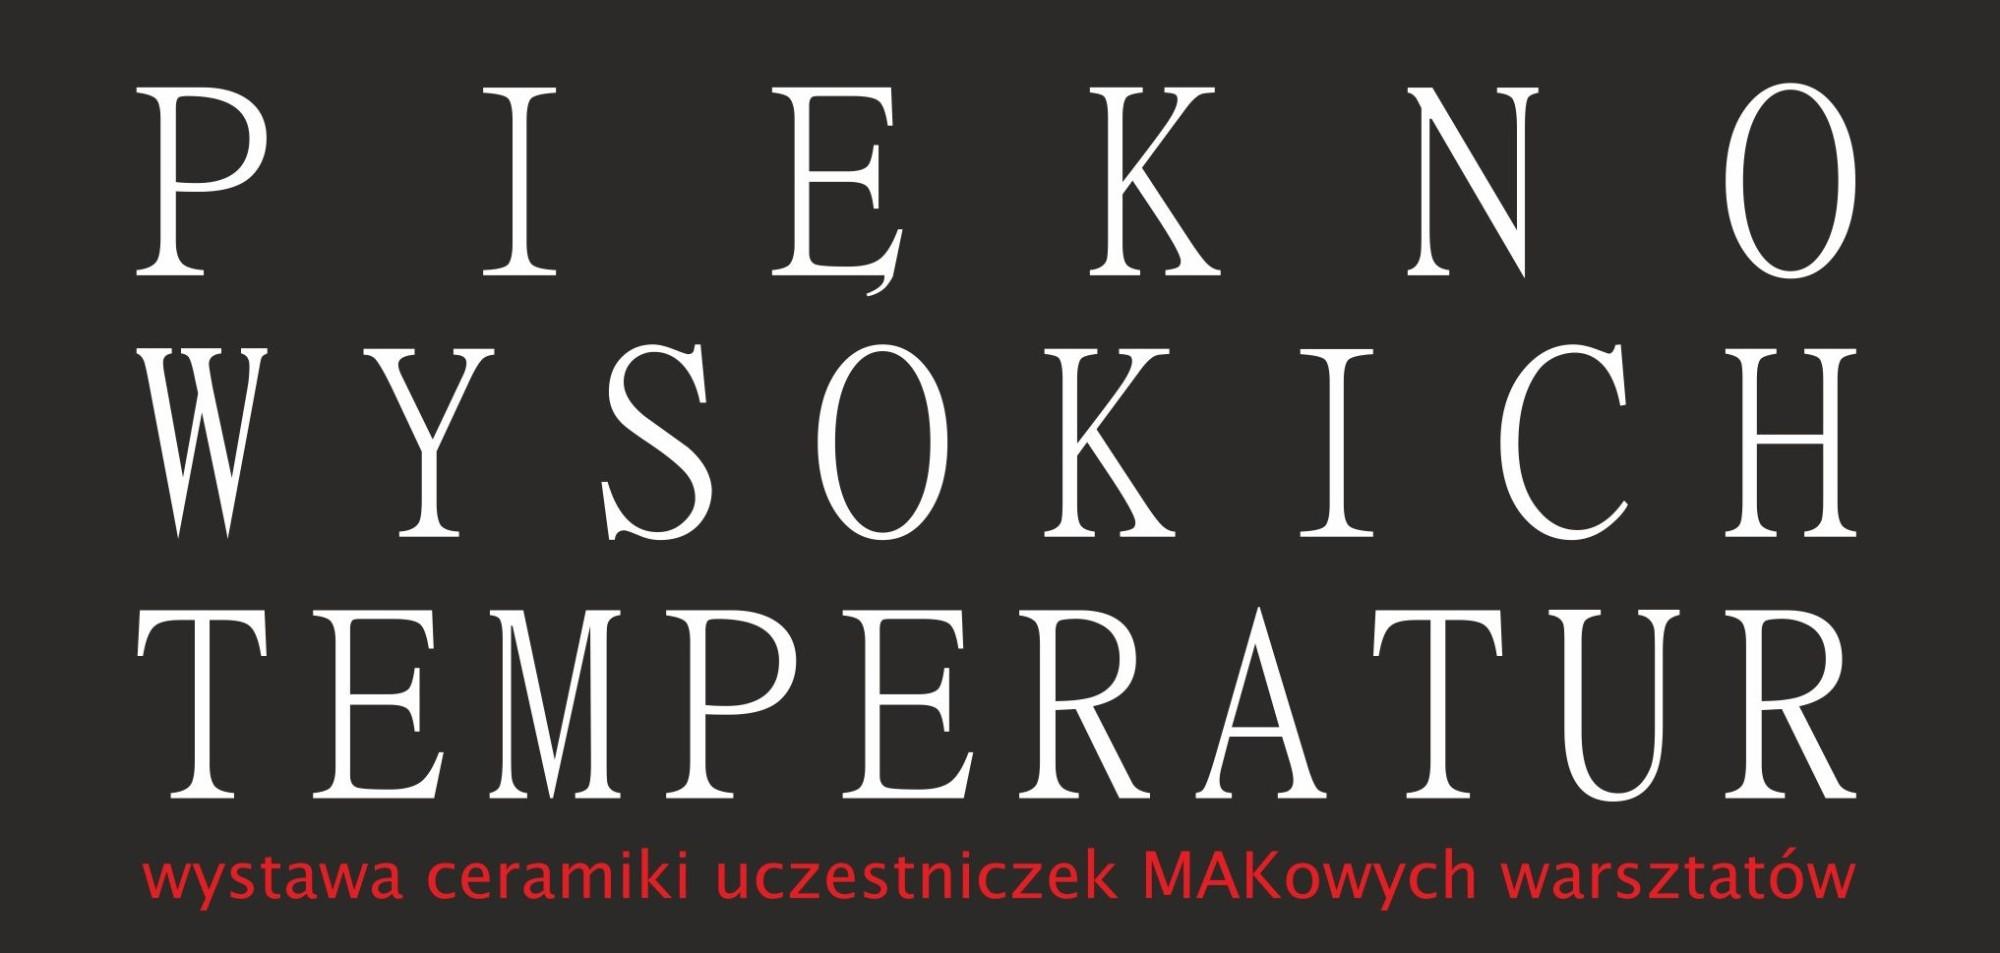 wystawa PIĘKONO WYSOKICH TEMPERATUR - Kopia